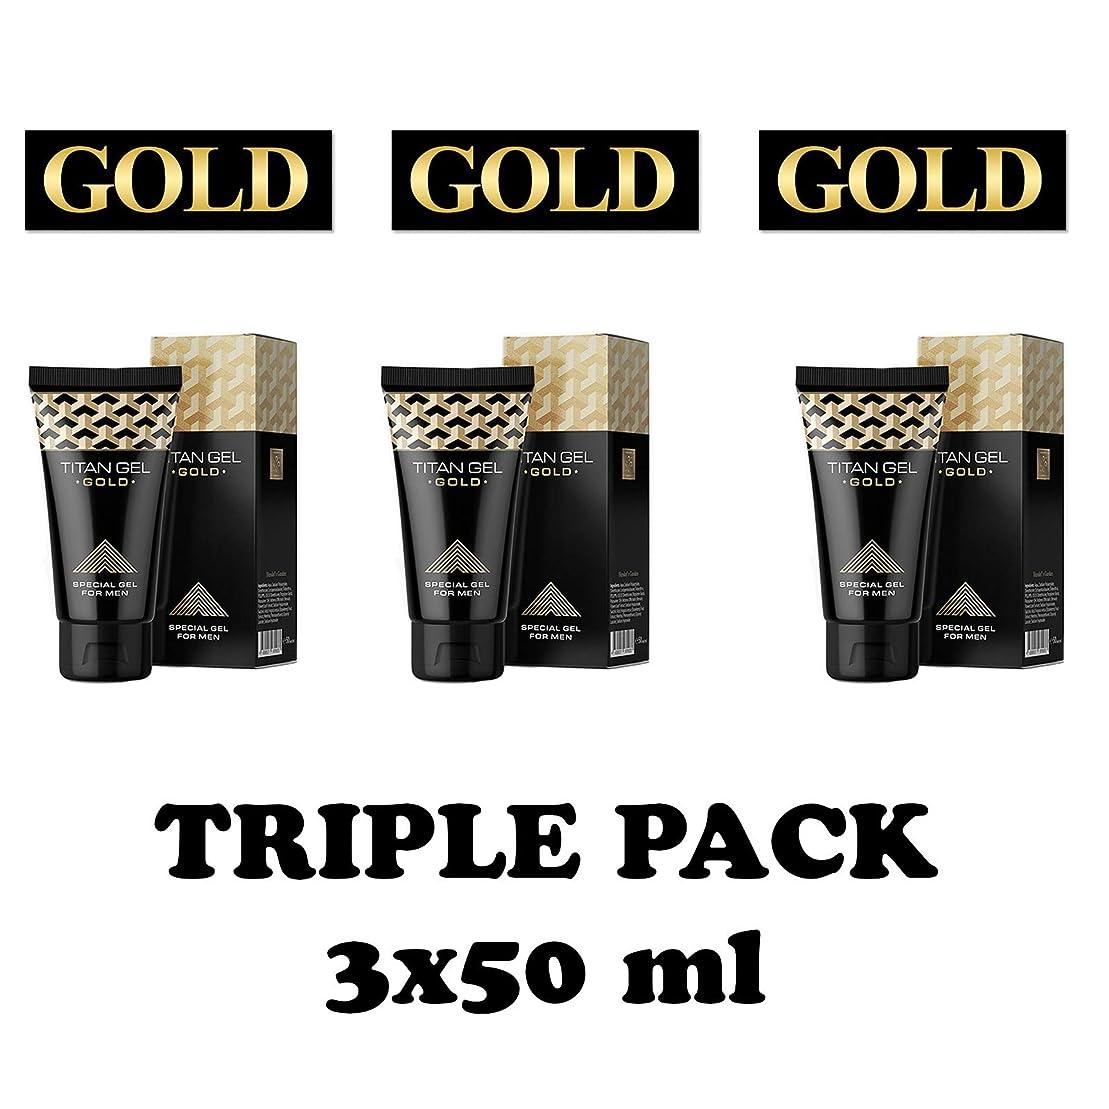 勇気差好ましいタイタンジェル ゴールド Titan gel Gold 50ml 3箱セット 日本語説明付き [並行輸入品]